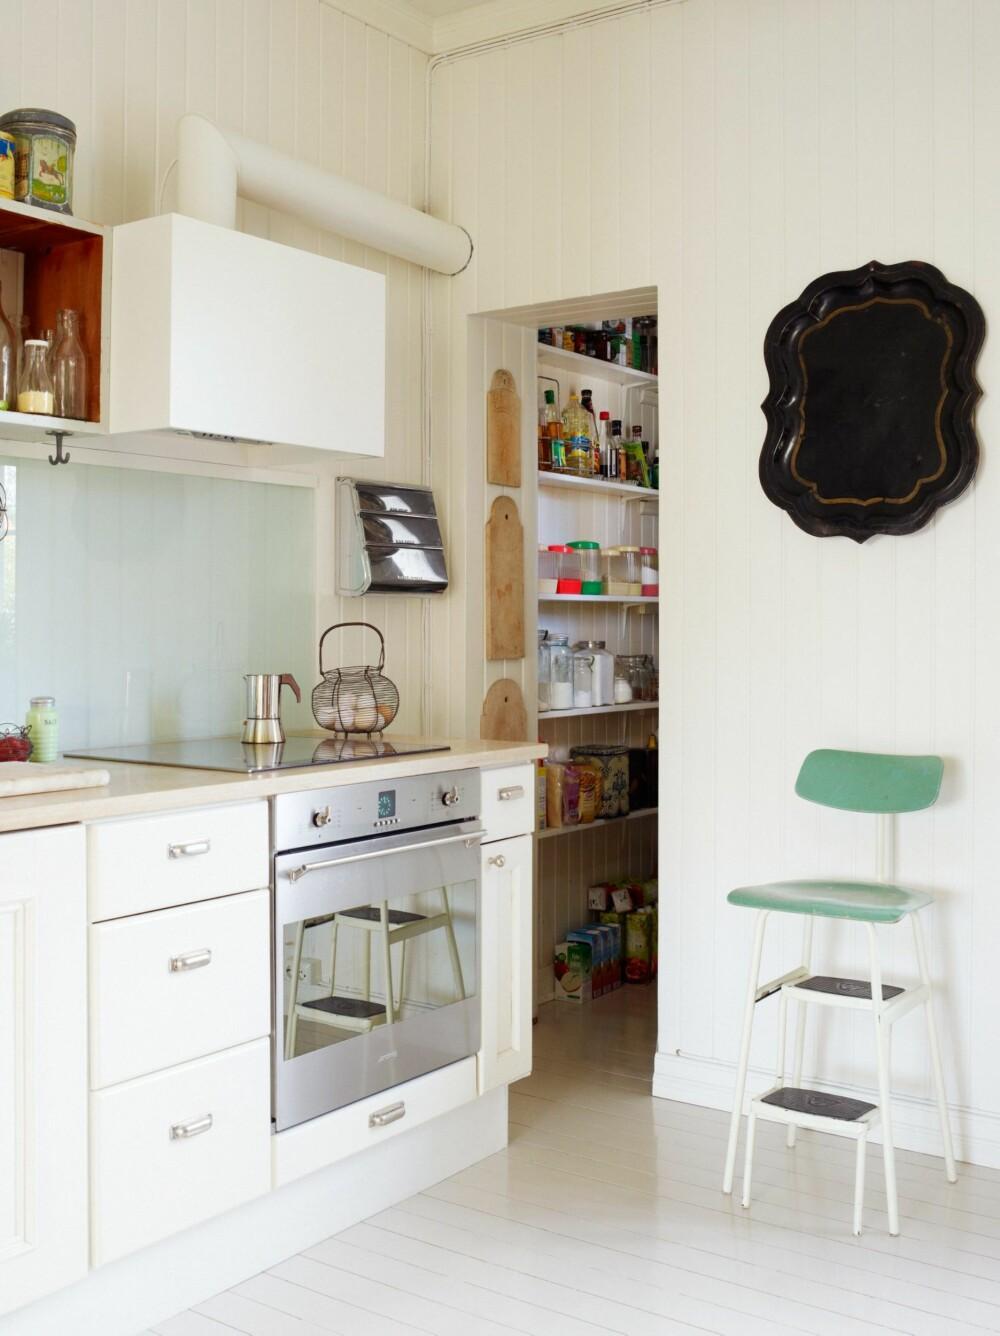 SE SPISKAMMERET: Før kjøleskapene ble allment tilgjengelig, ble hus og leiligheter gjerne bygget med et eget rom der matvarer kunne oppbevares kjølig. I dette kjøkkenet står spiskammeret fremdeles høyt i kurs.